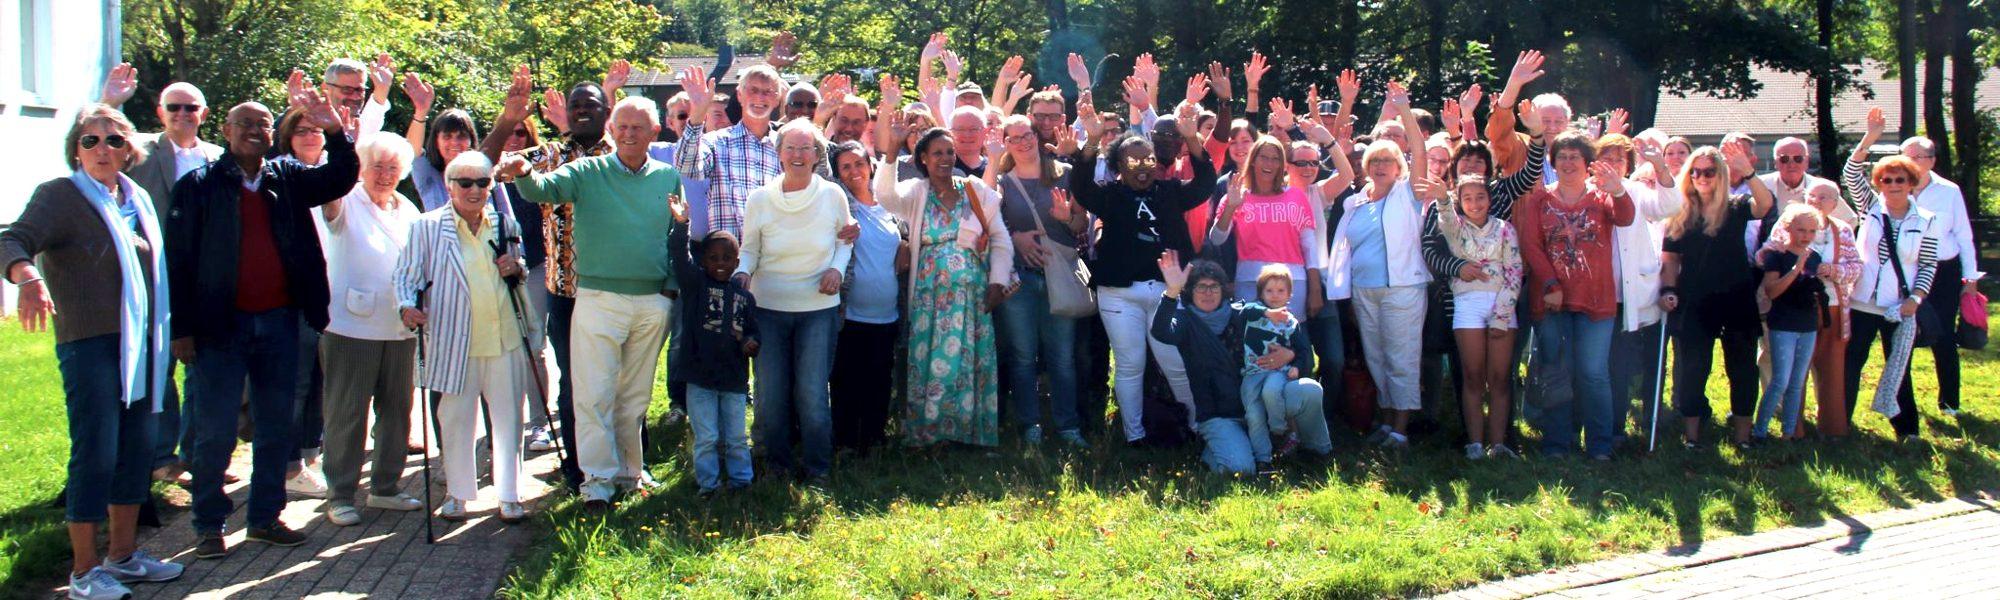 Freie evangelische Gemeinde Wuppertal Barmen - Unsere Gemeinde